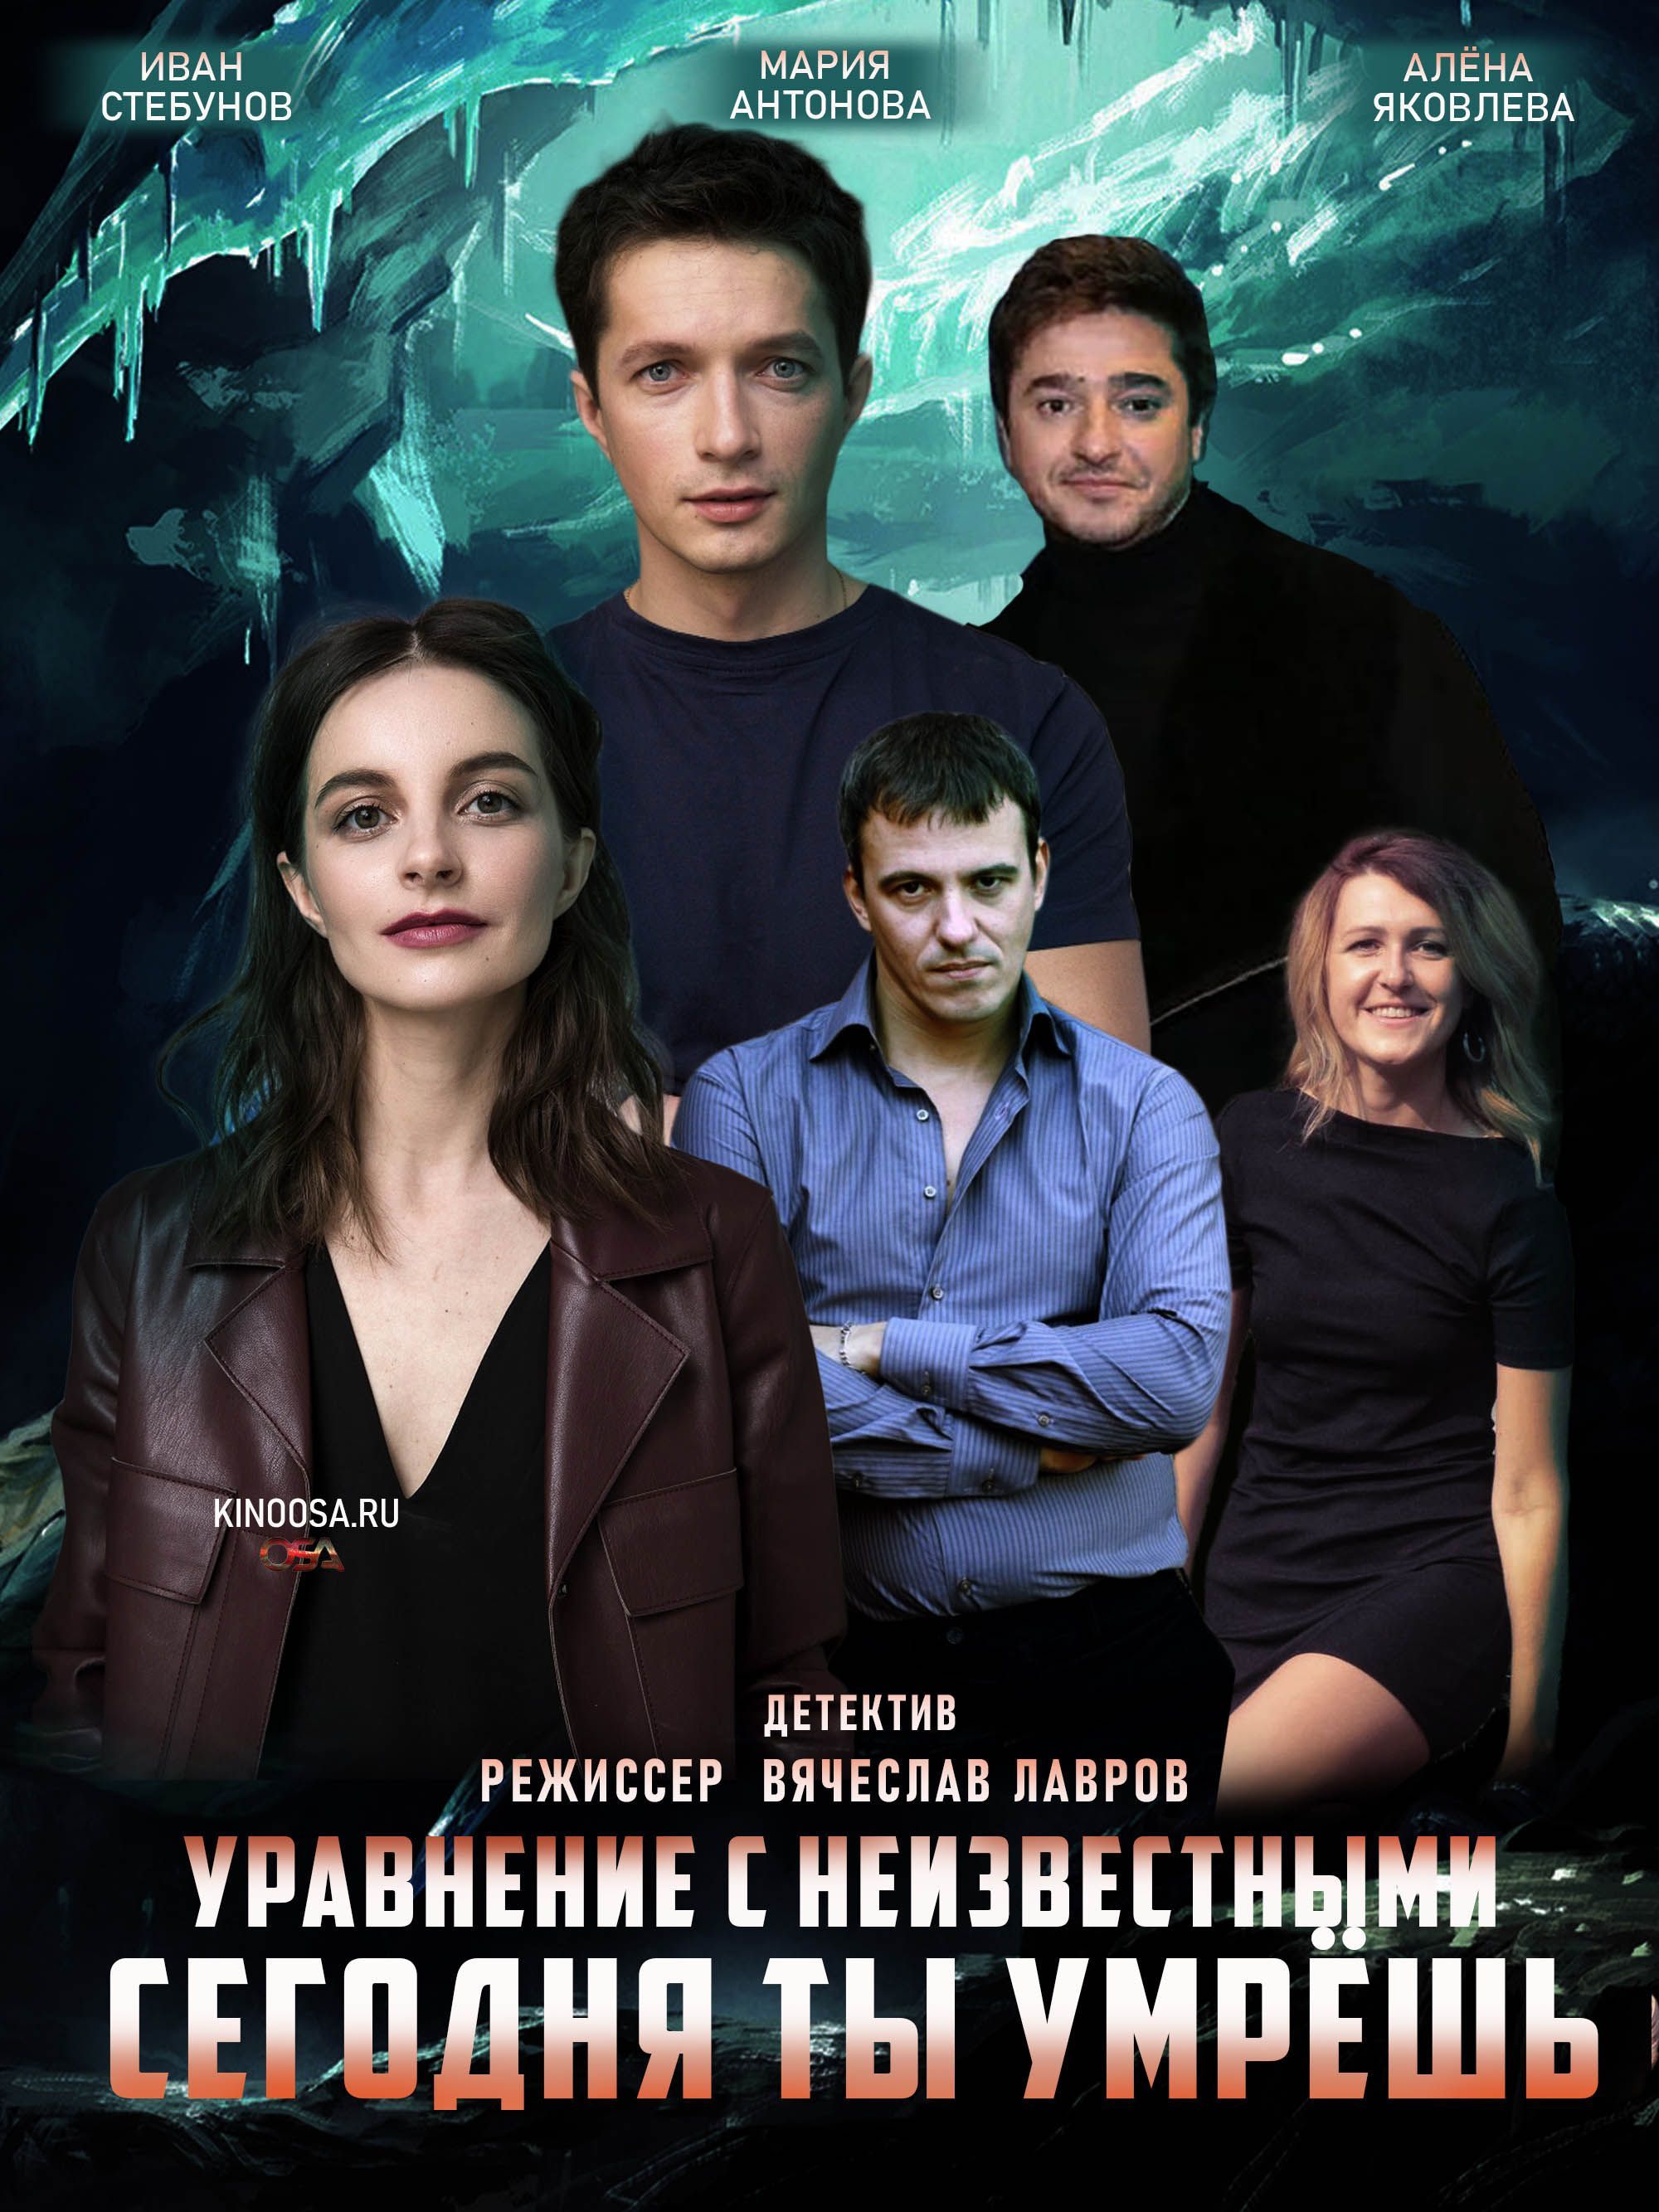 Uravnenie S Neizvestnymi Segodnya Ty Umresh 2021 Detektiv V 2021 G Horoshie Filmy Filmy Detektiv